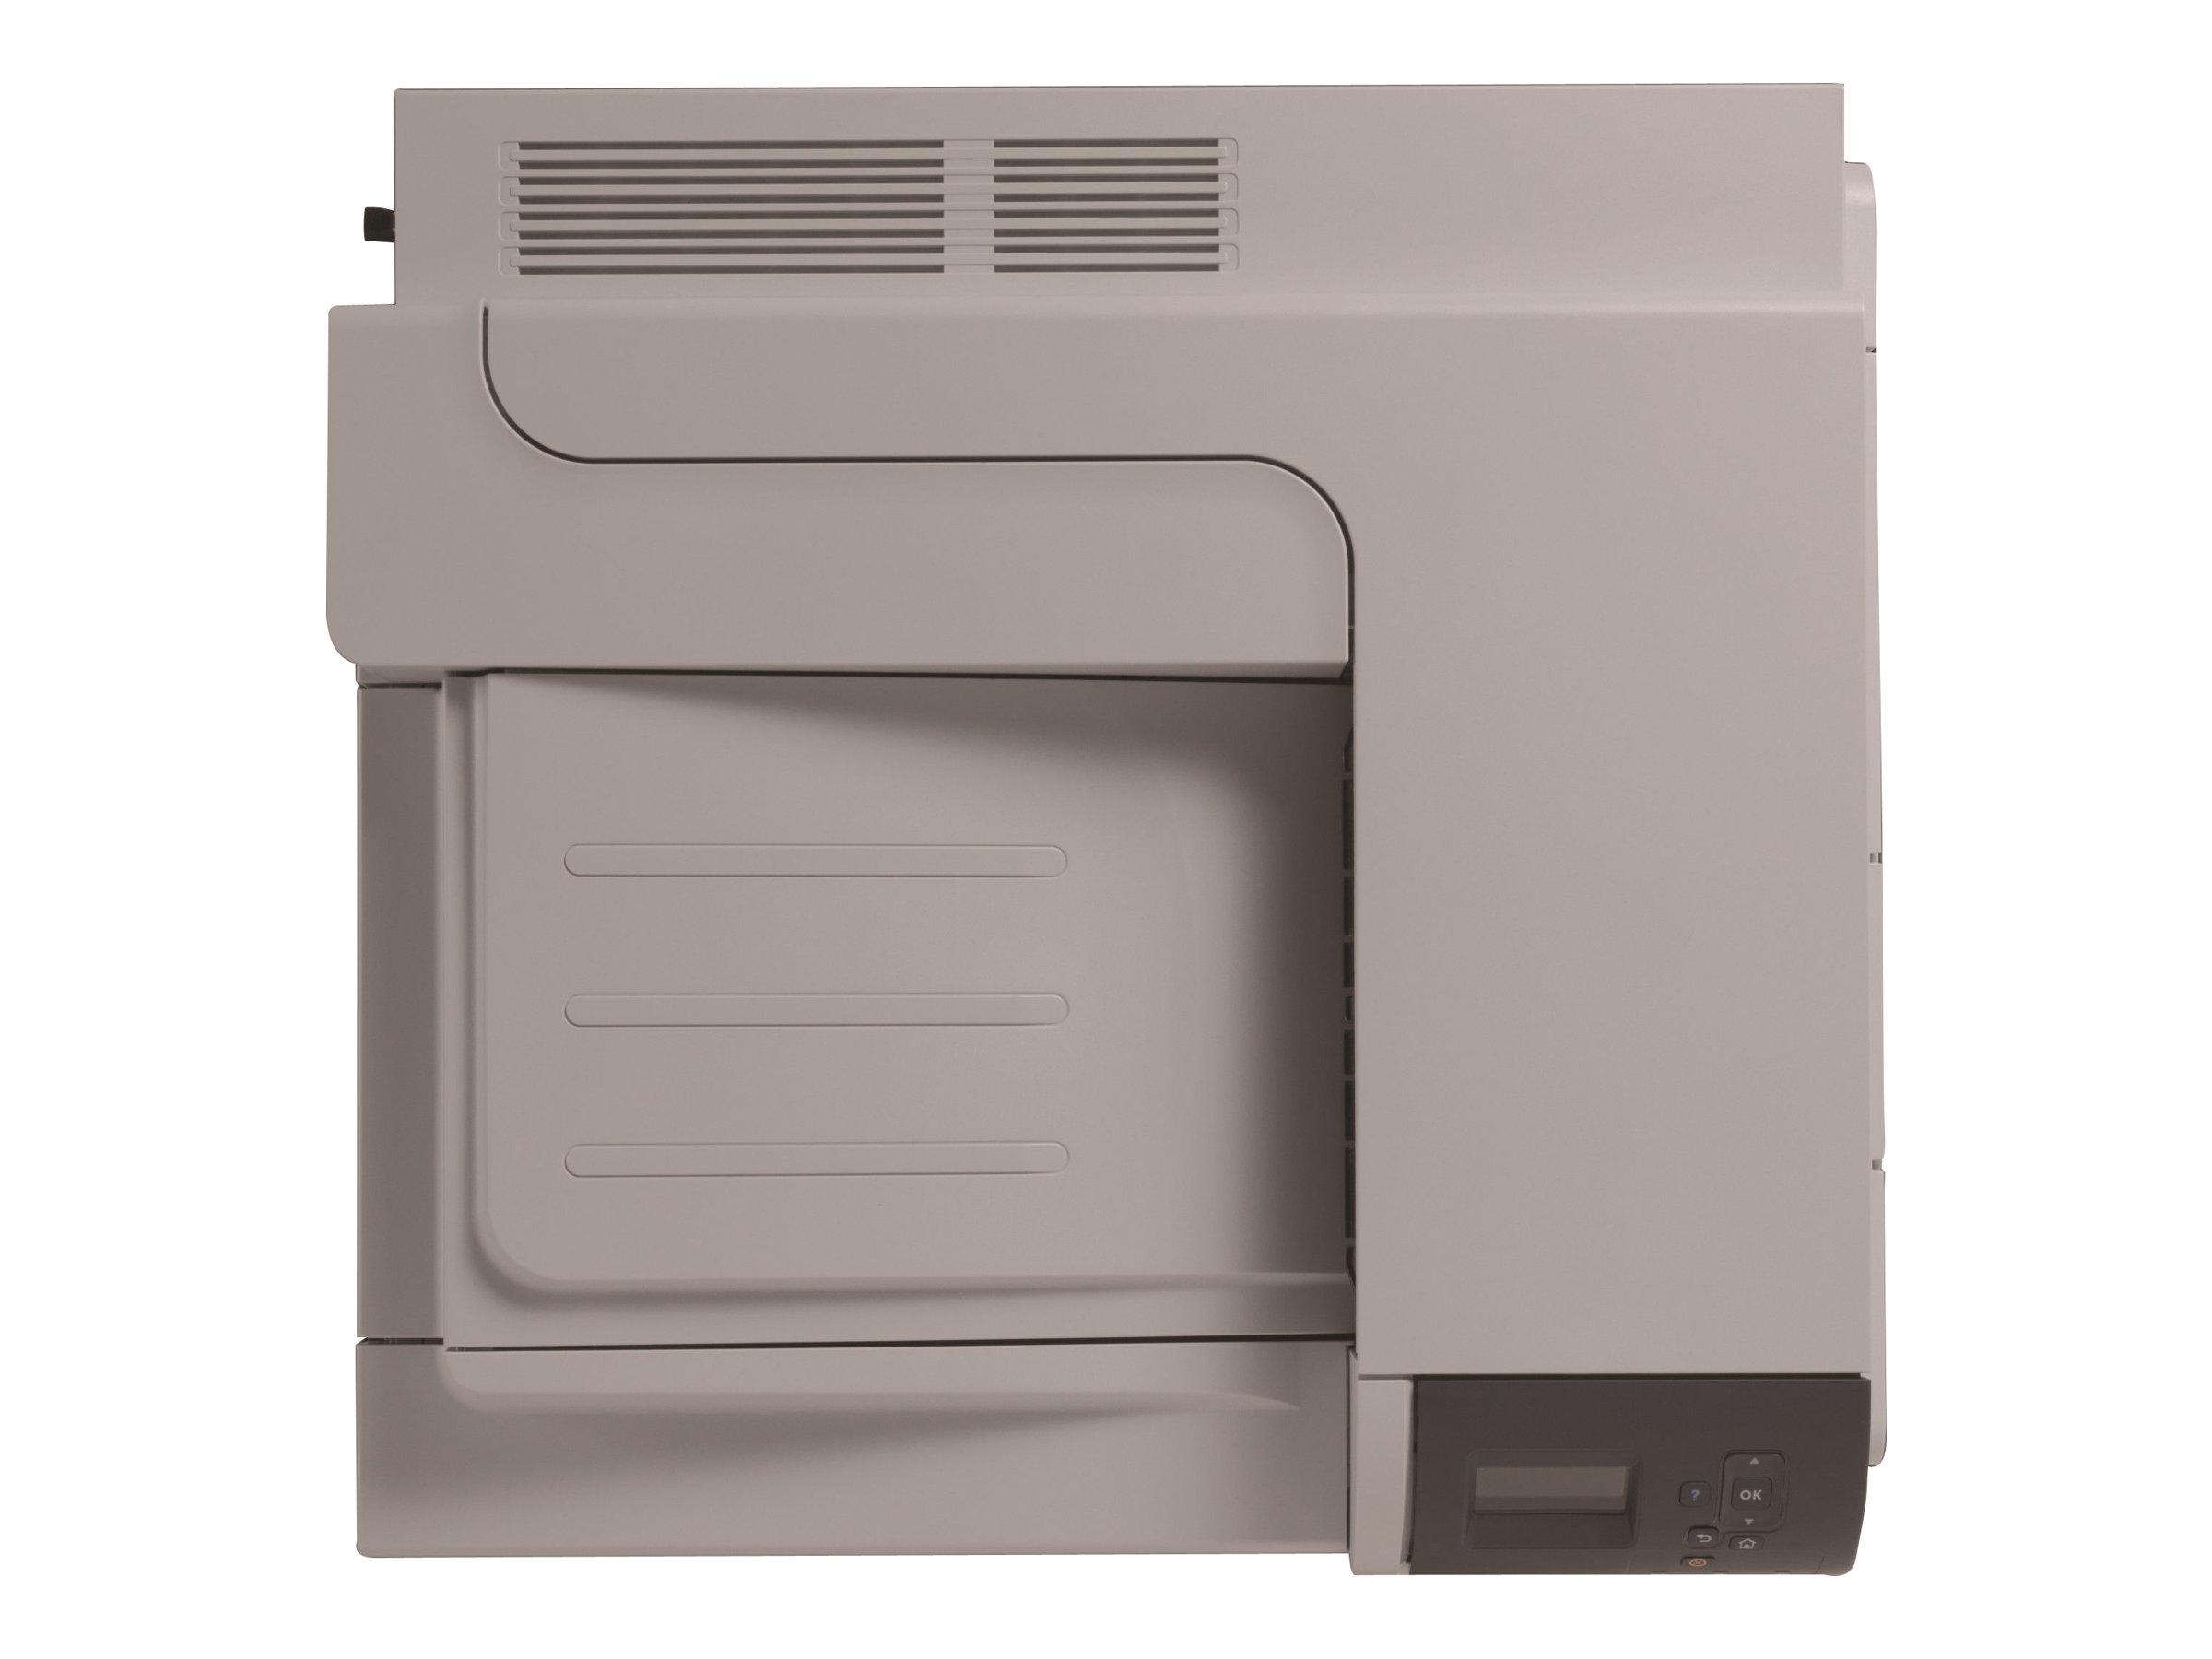 bureau vallee brieuc 28 images hp color laserjet professional cp5225n imprimante couleur. Black Bedroom Furniture Sets. Home Design Ideas